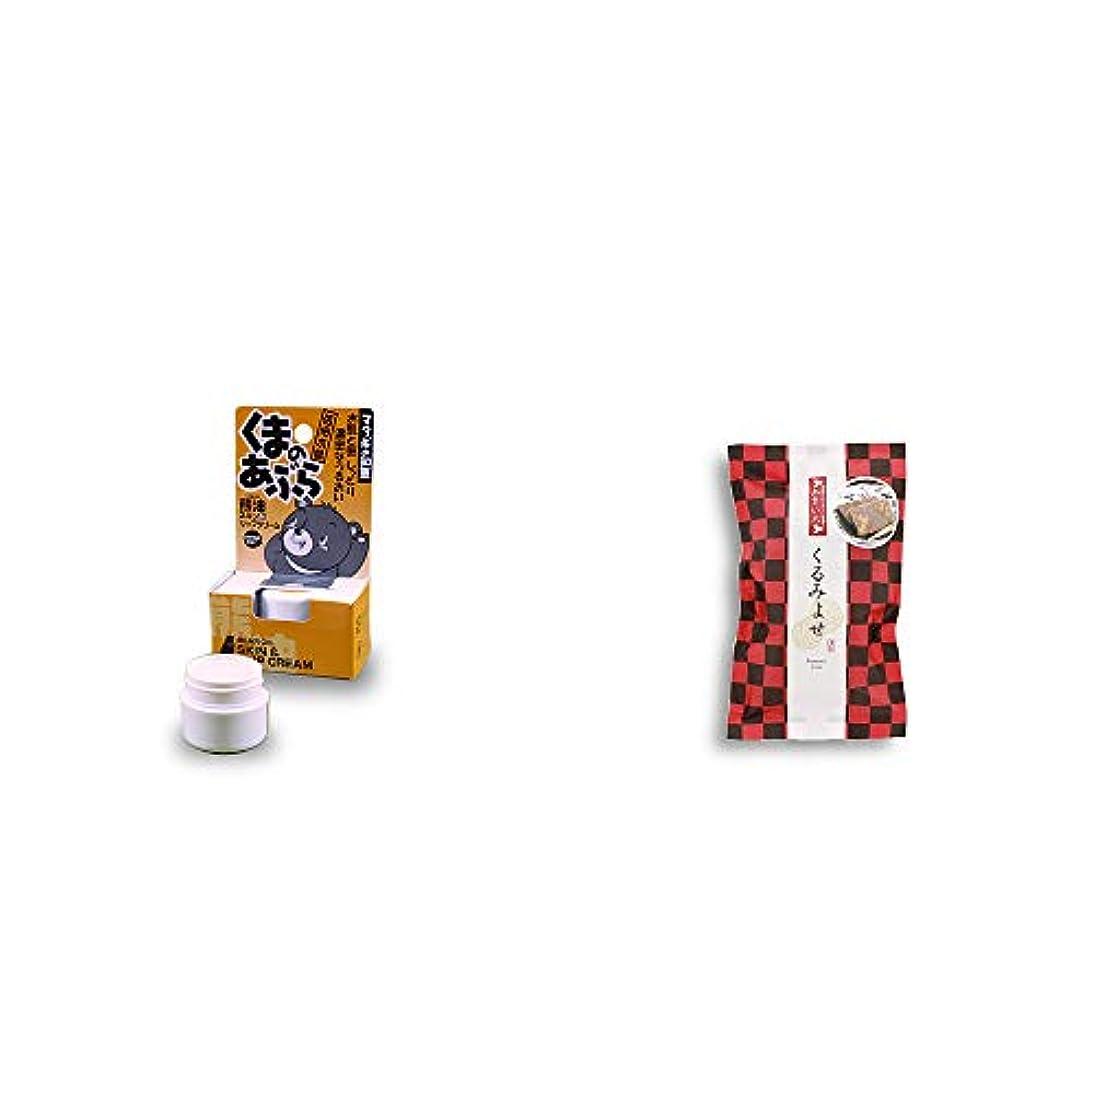 帰る摩擦禁じる[2点セット] 信州木曽 くまのあぶら 熊油スキン&リップクリーム(9g)?くるみよせ(こし餡)(5個入)